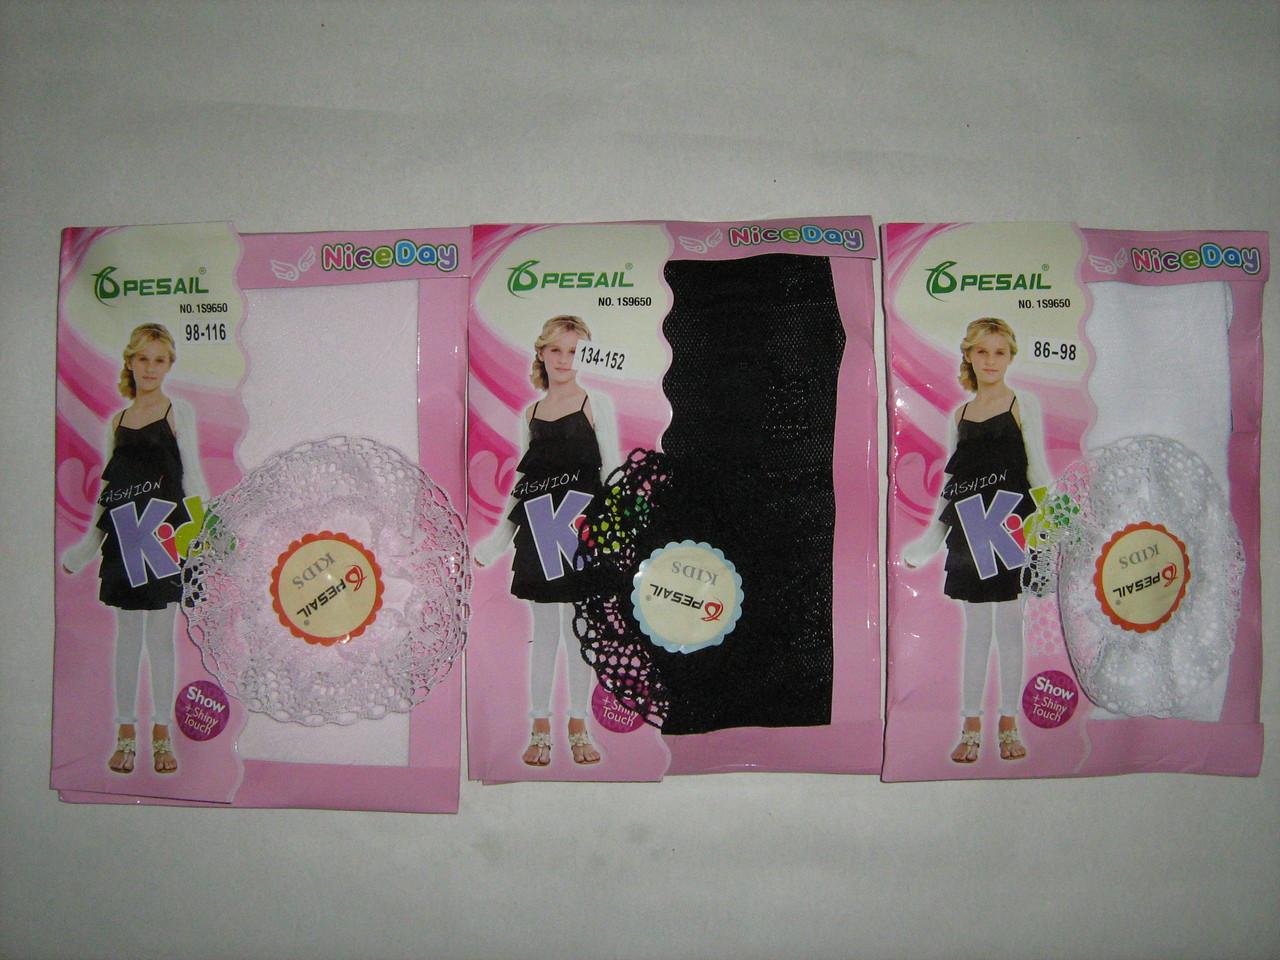 Лосины / леггинсы детские на девочек 2-7 лет, капроновые,цвет белый,розовый. От 6шт по 12грн